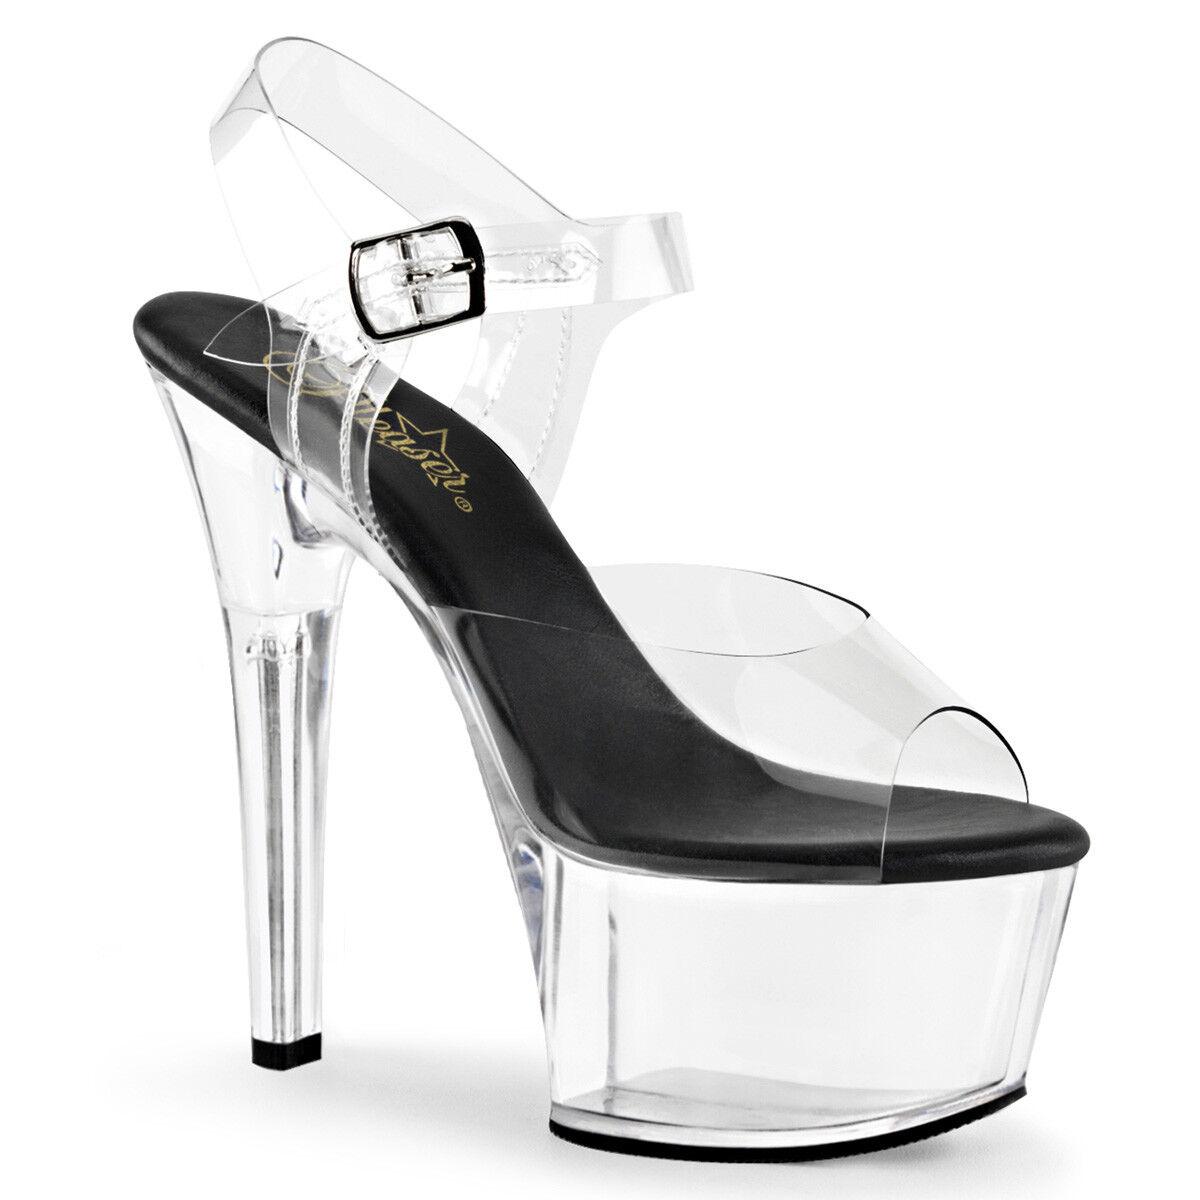 6  Negro lucite claro Suela Pleaser Pleaser Pleaser Plataforma Zapatos de bailarina bailarina Tacones Altos  el mas de moda